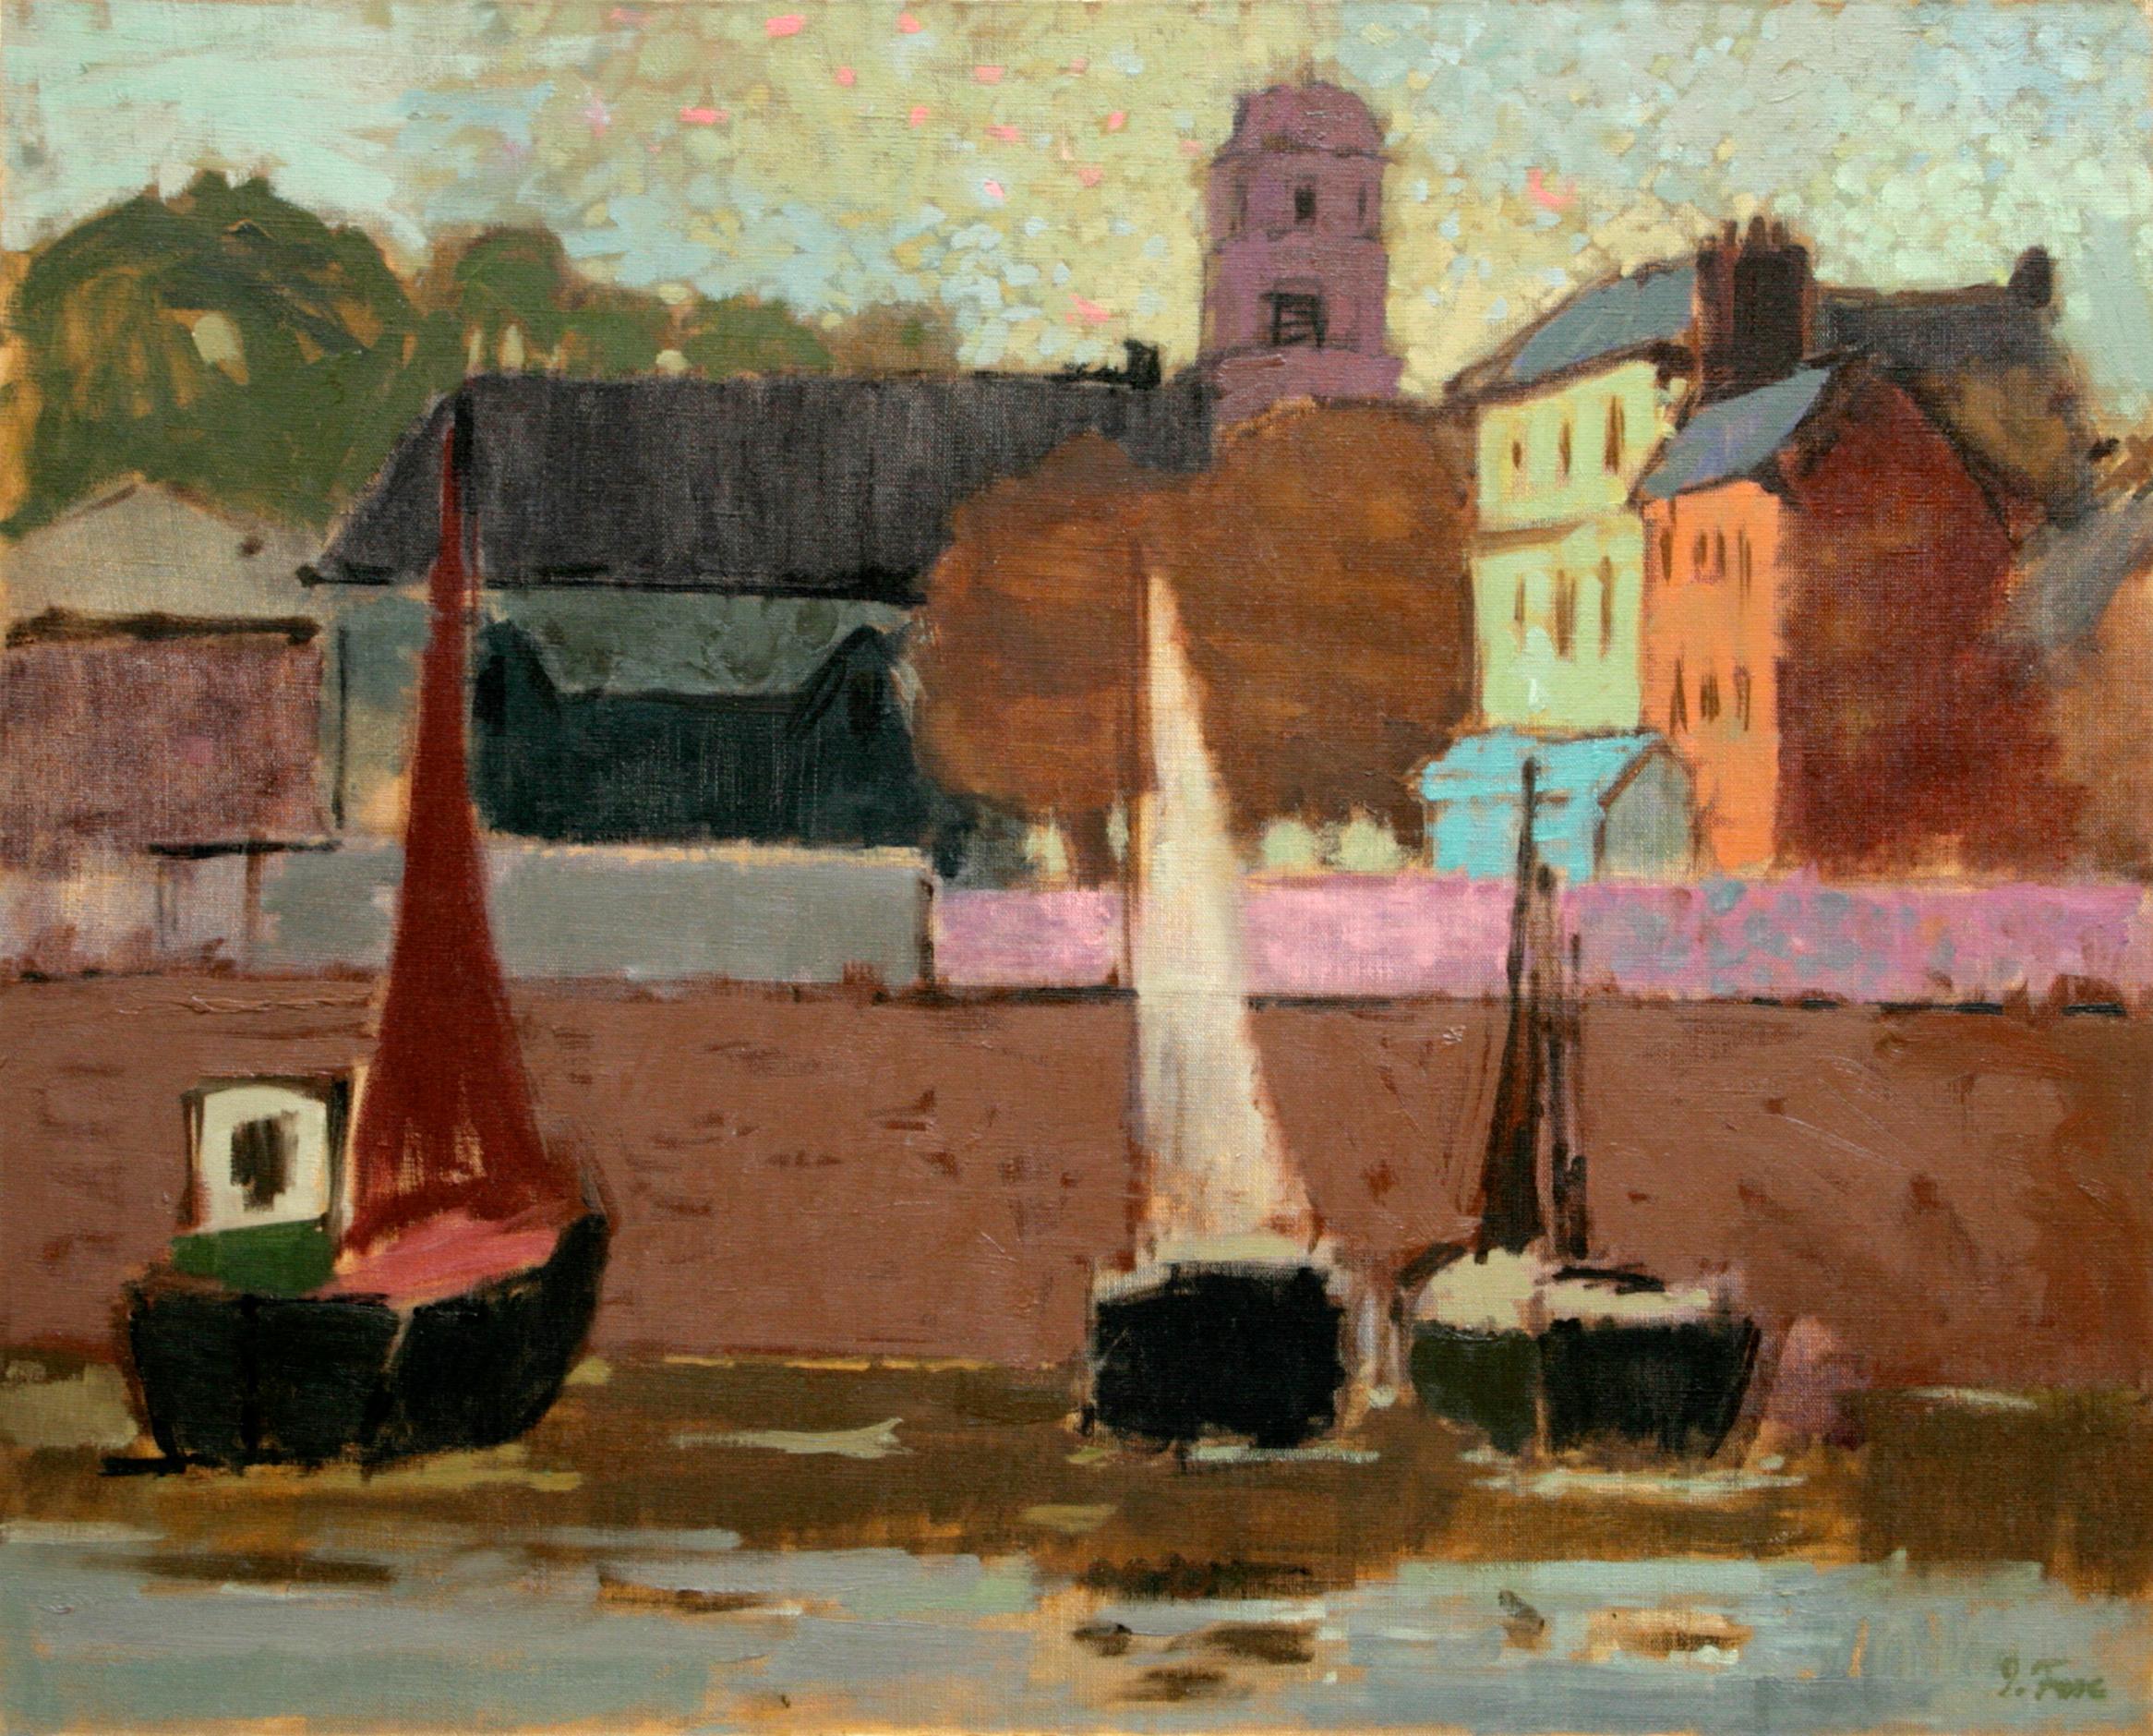 1957_Honfleur_oil_on_linen_24x30in_PF309.jpg